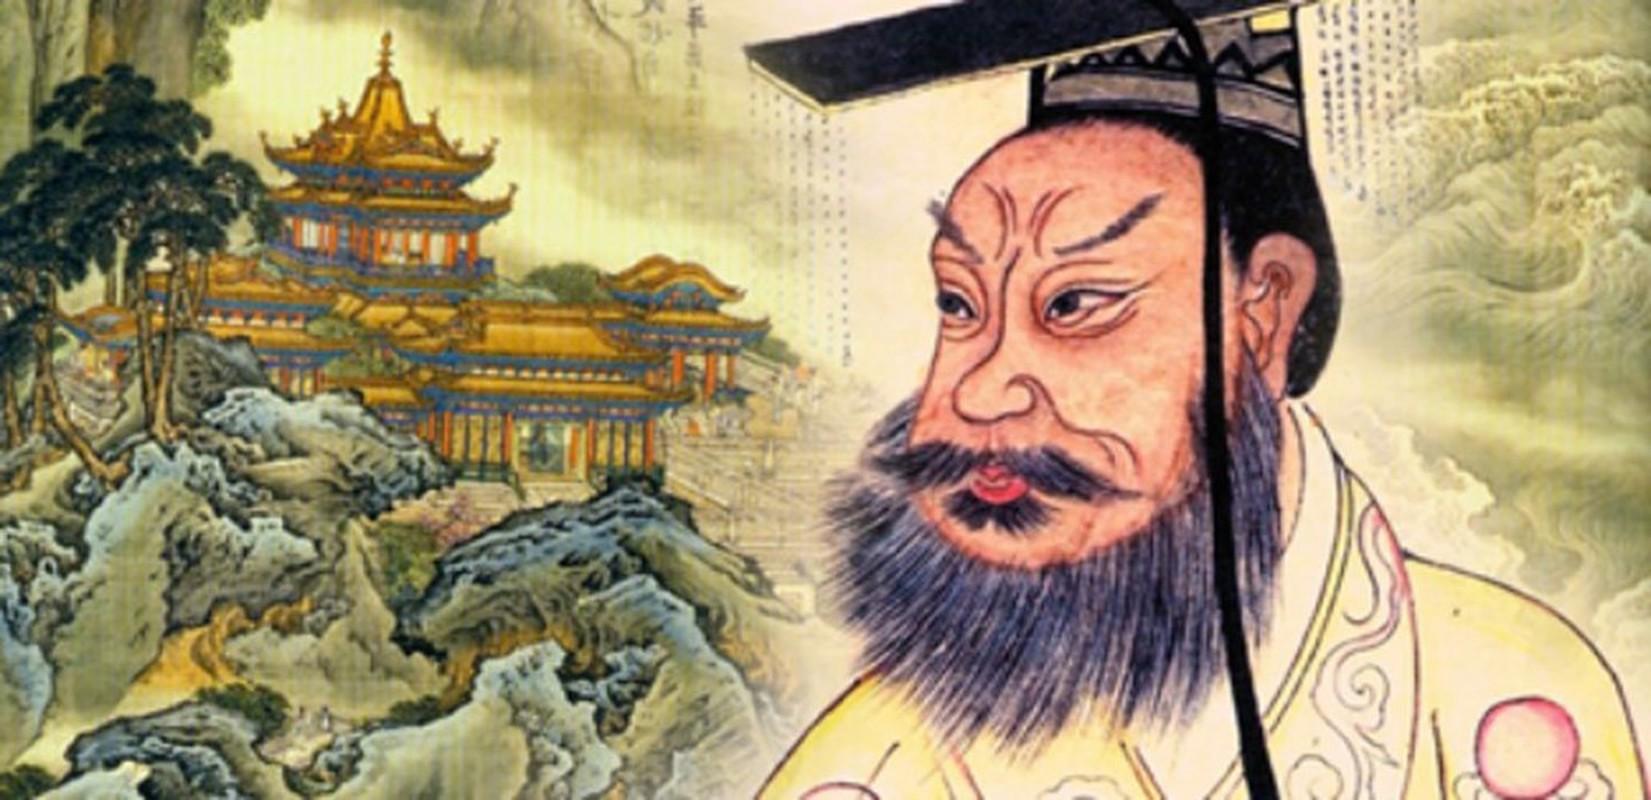 Rung minh thi hai khong khep chan trong lang mo Tan Thuy Hoang-Hinh-8